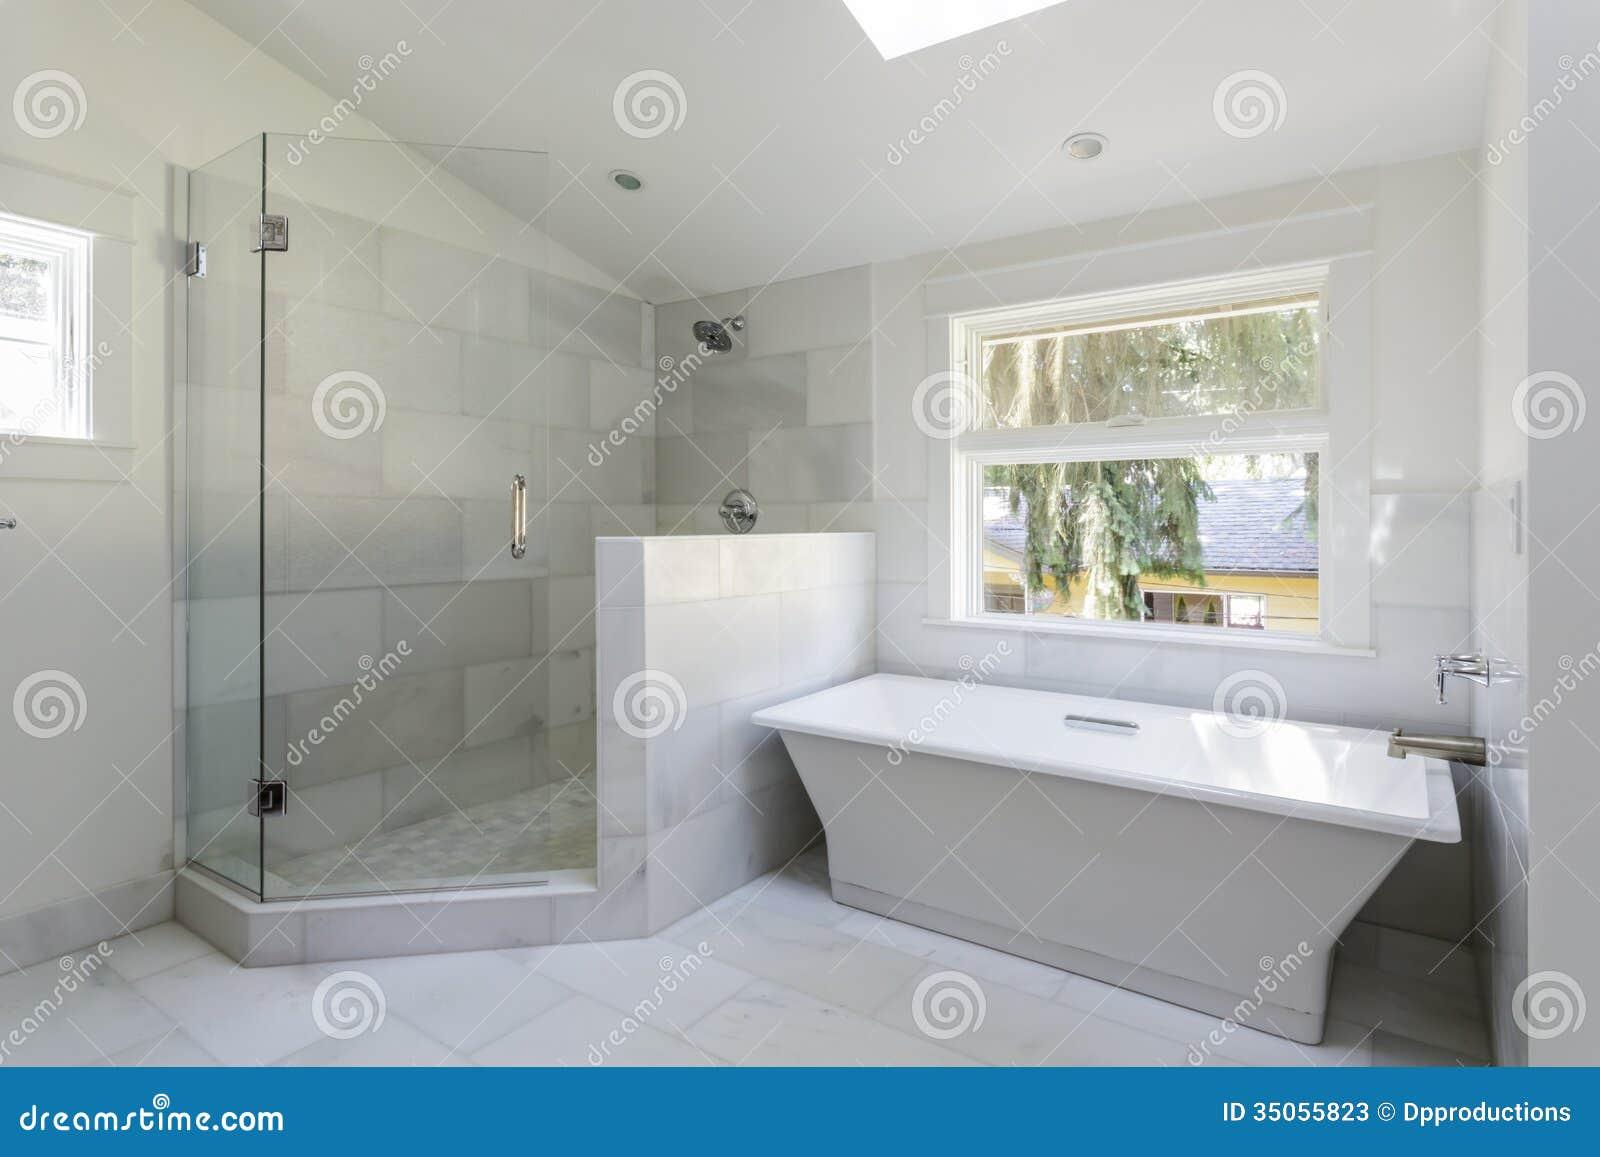 Salle de bains moderne avec la douche et la baignoire for Salle de bain moderne rouge